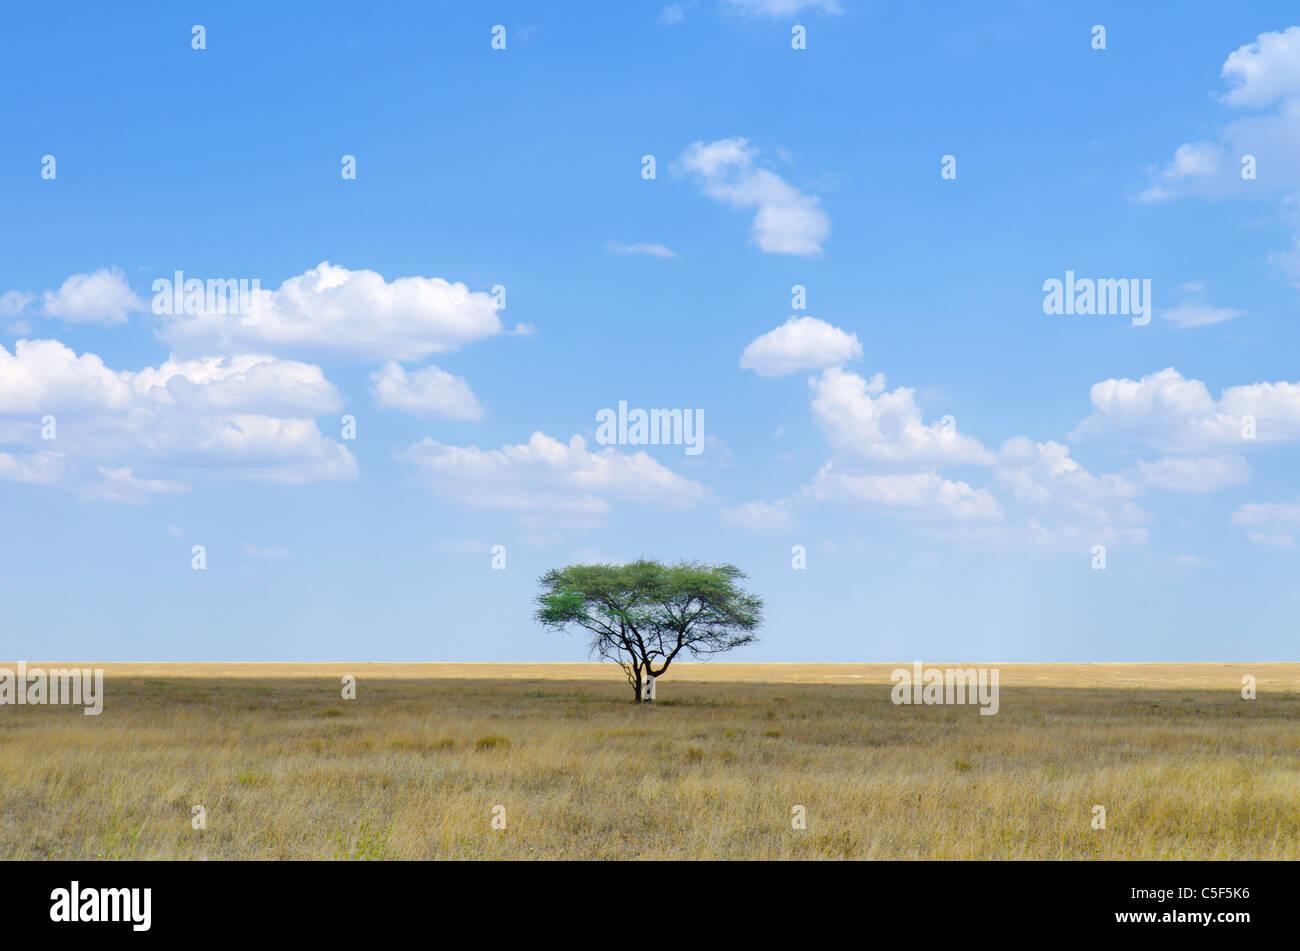 A shot of Acacia Tree in Serengeti National Park, Tanzania - Stock Image